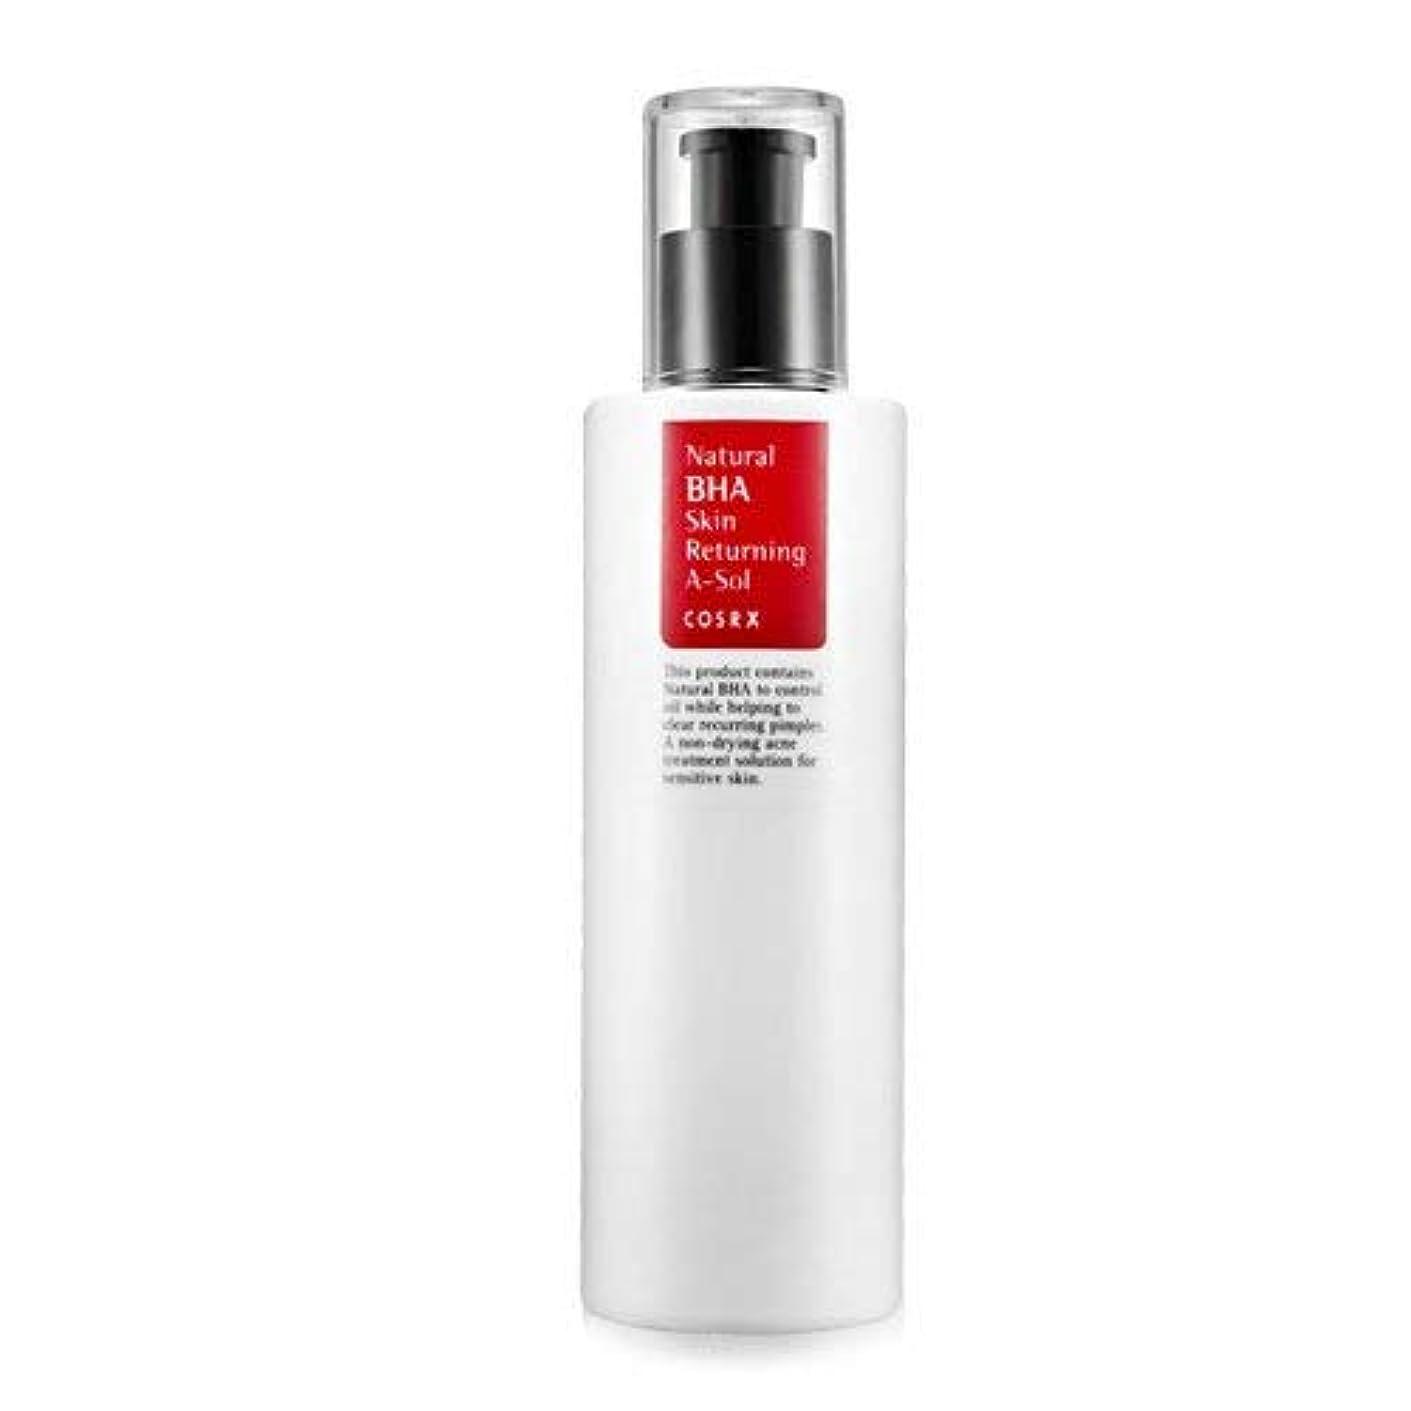 卒業記念アルバム同化申請中COSRX ナチュラル BHA スキン リータニング A-sol /Natural BHA Skin Returning A-sol(100ml*6 Pack)